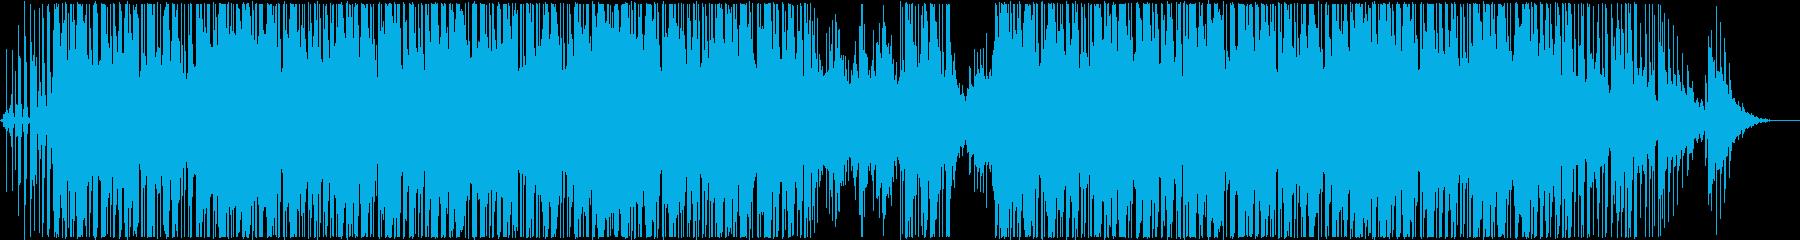 アンビエント感のあるヒップホップの再生済みの波形